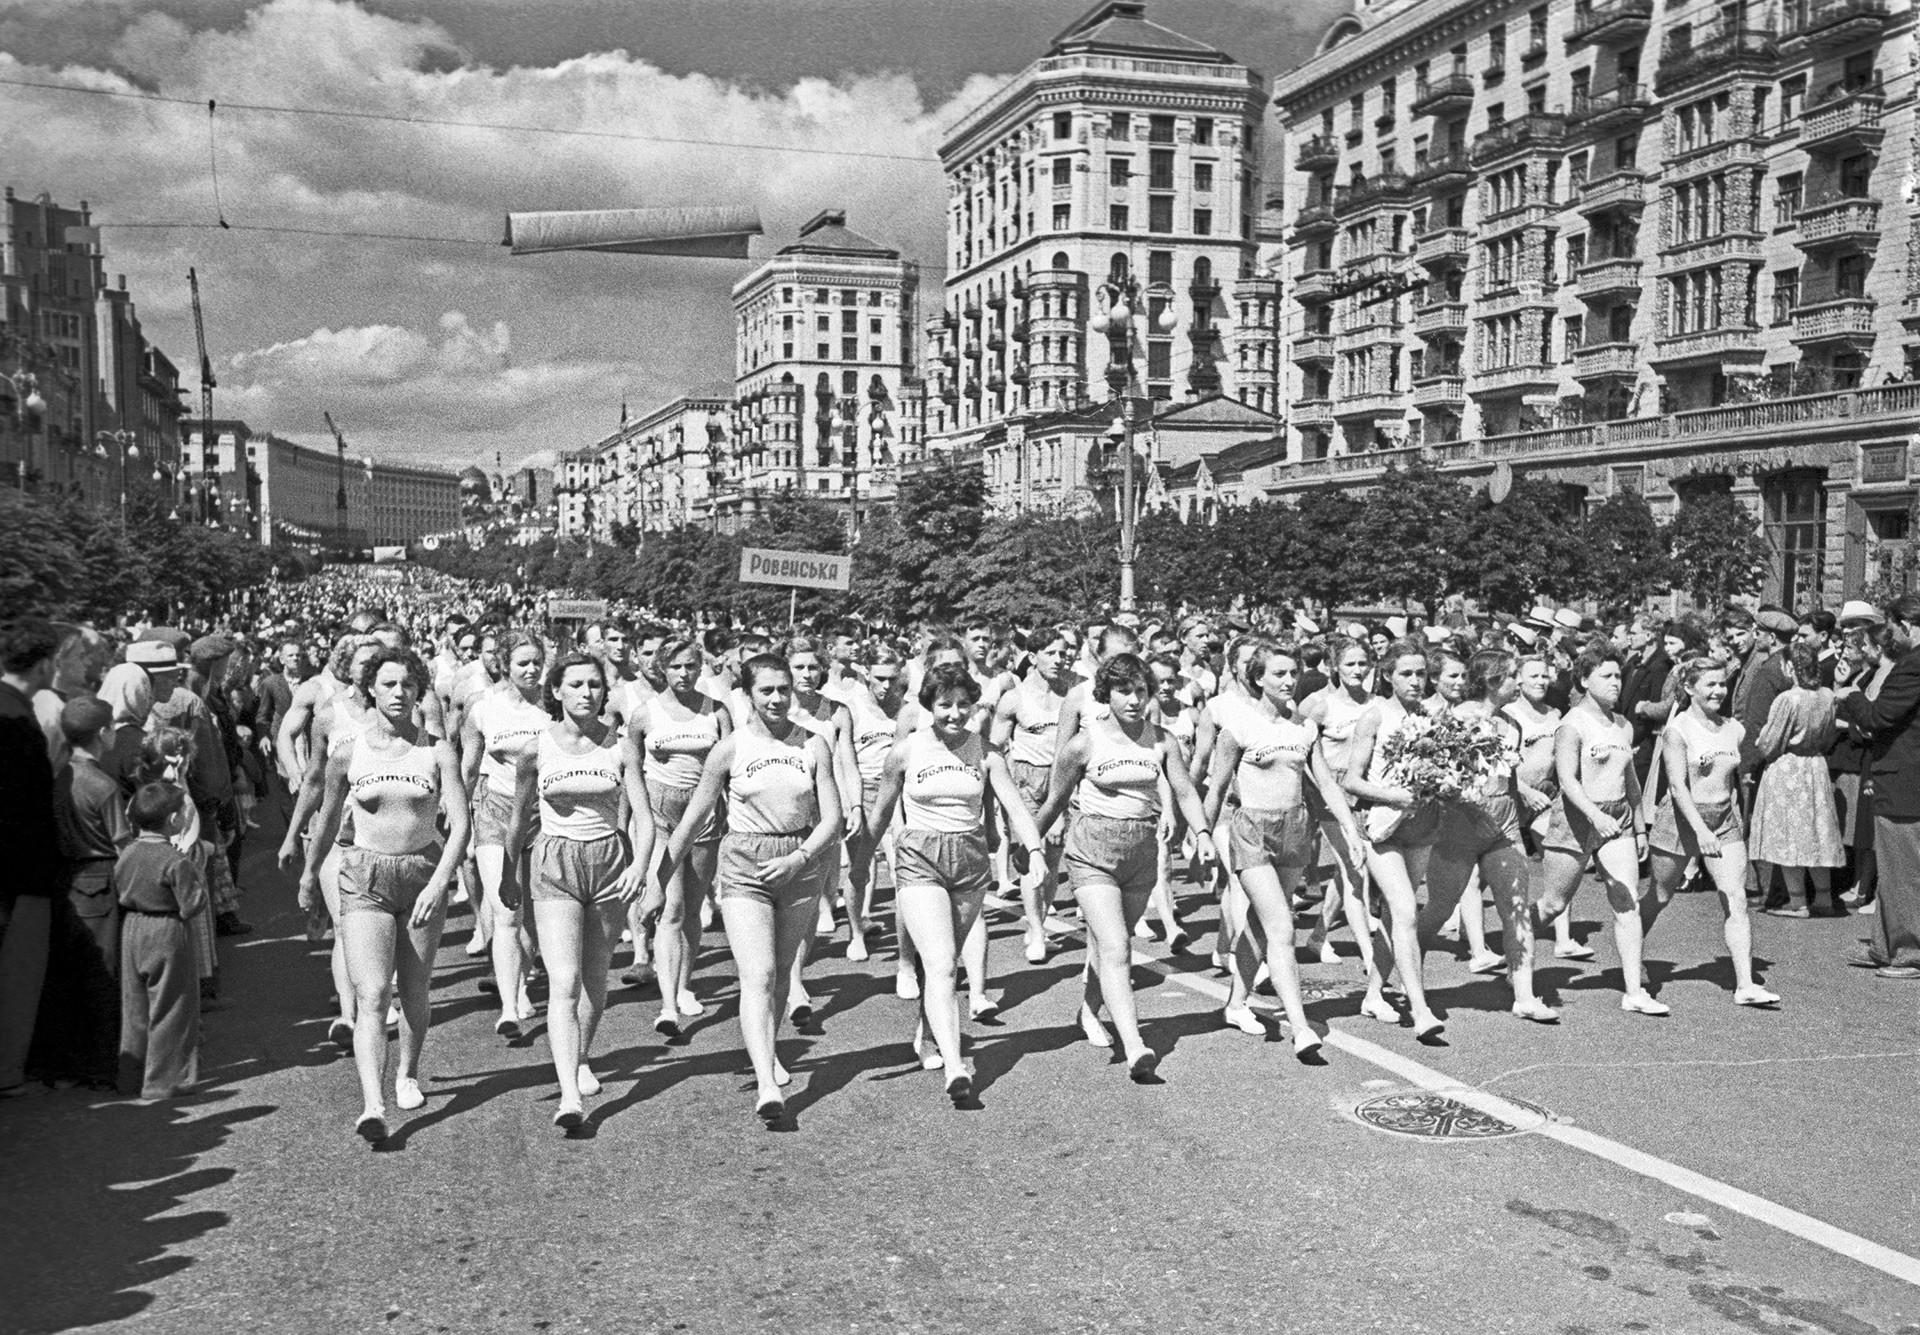 ソ連人民スパルタキアーダ、1956年。